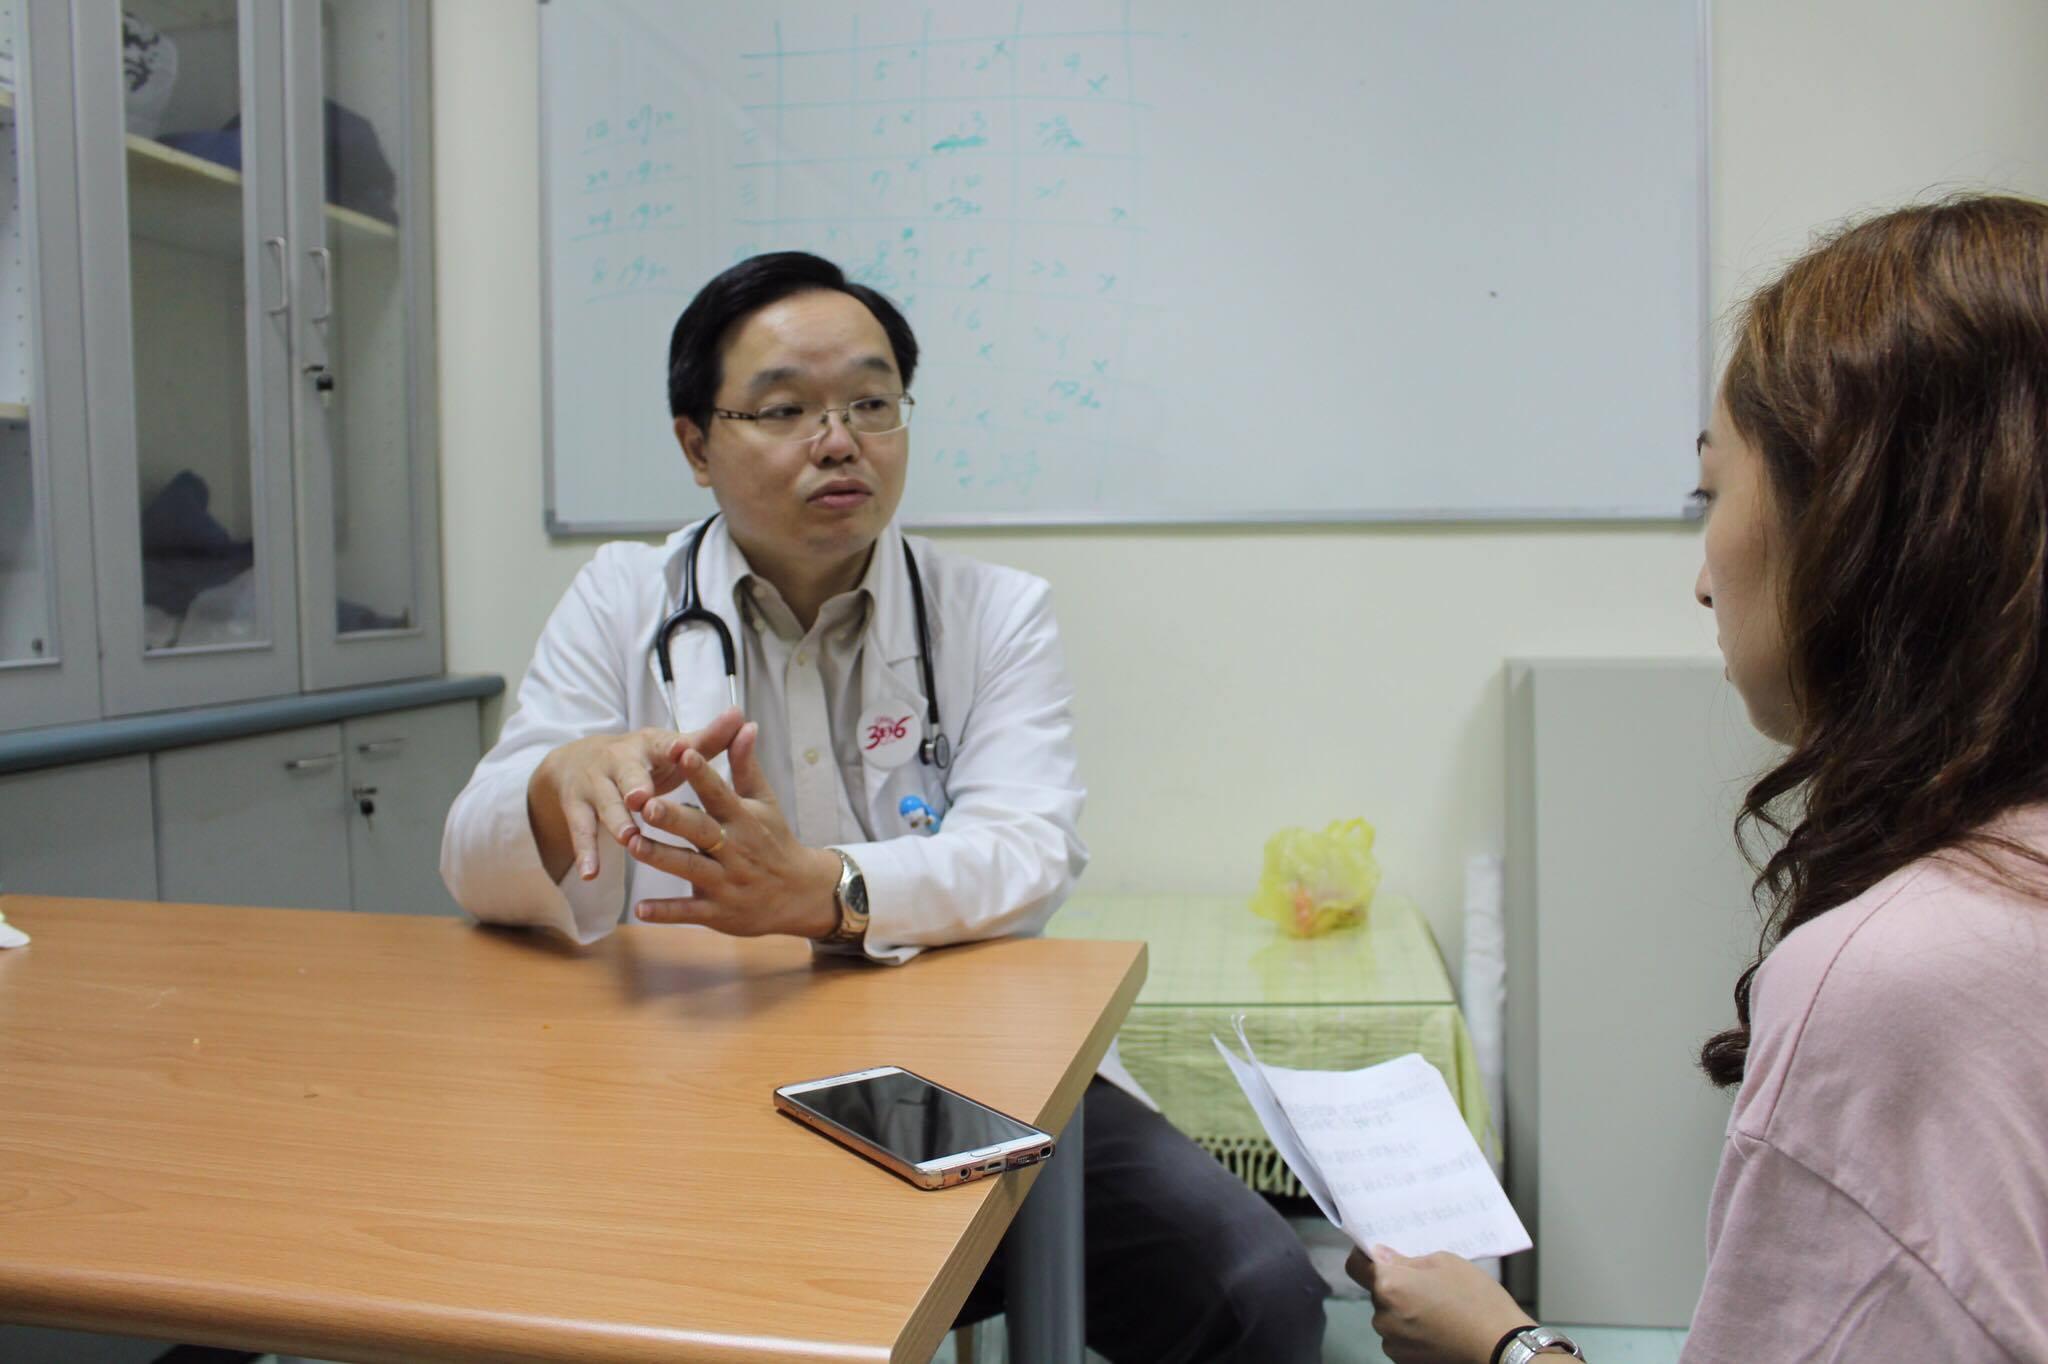 照片為記者訪問台北市文山區萬芳醫院小兒科王聖儒醫師(記者許祐祥/攝)